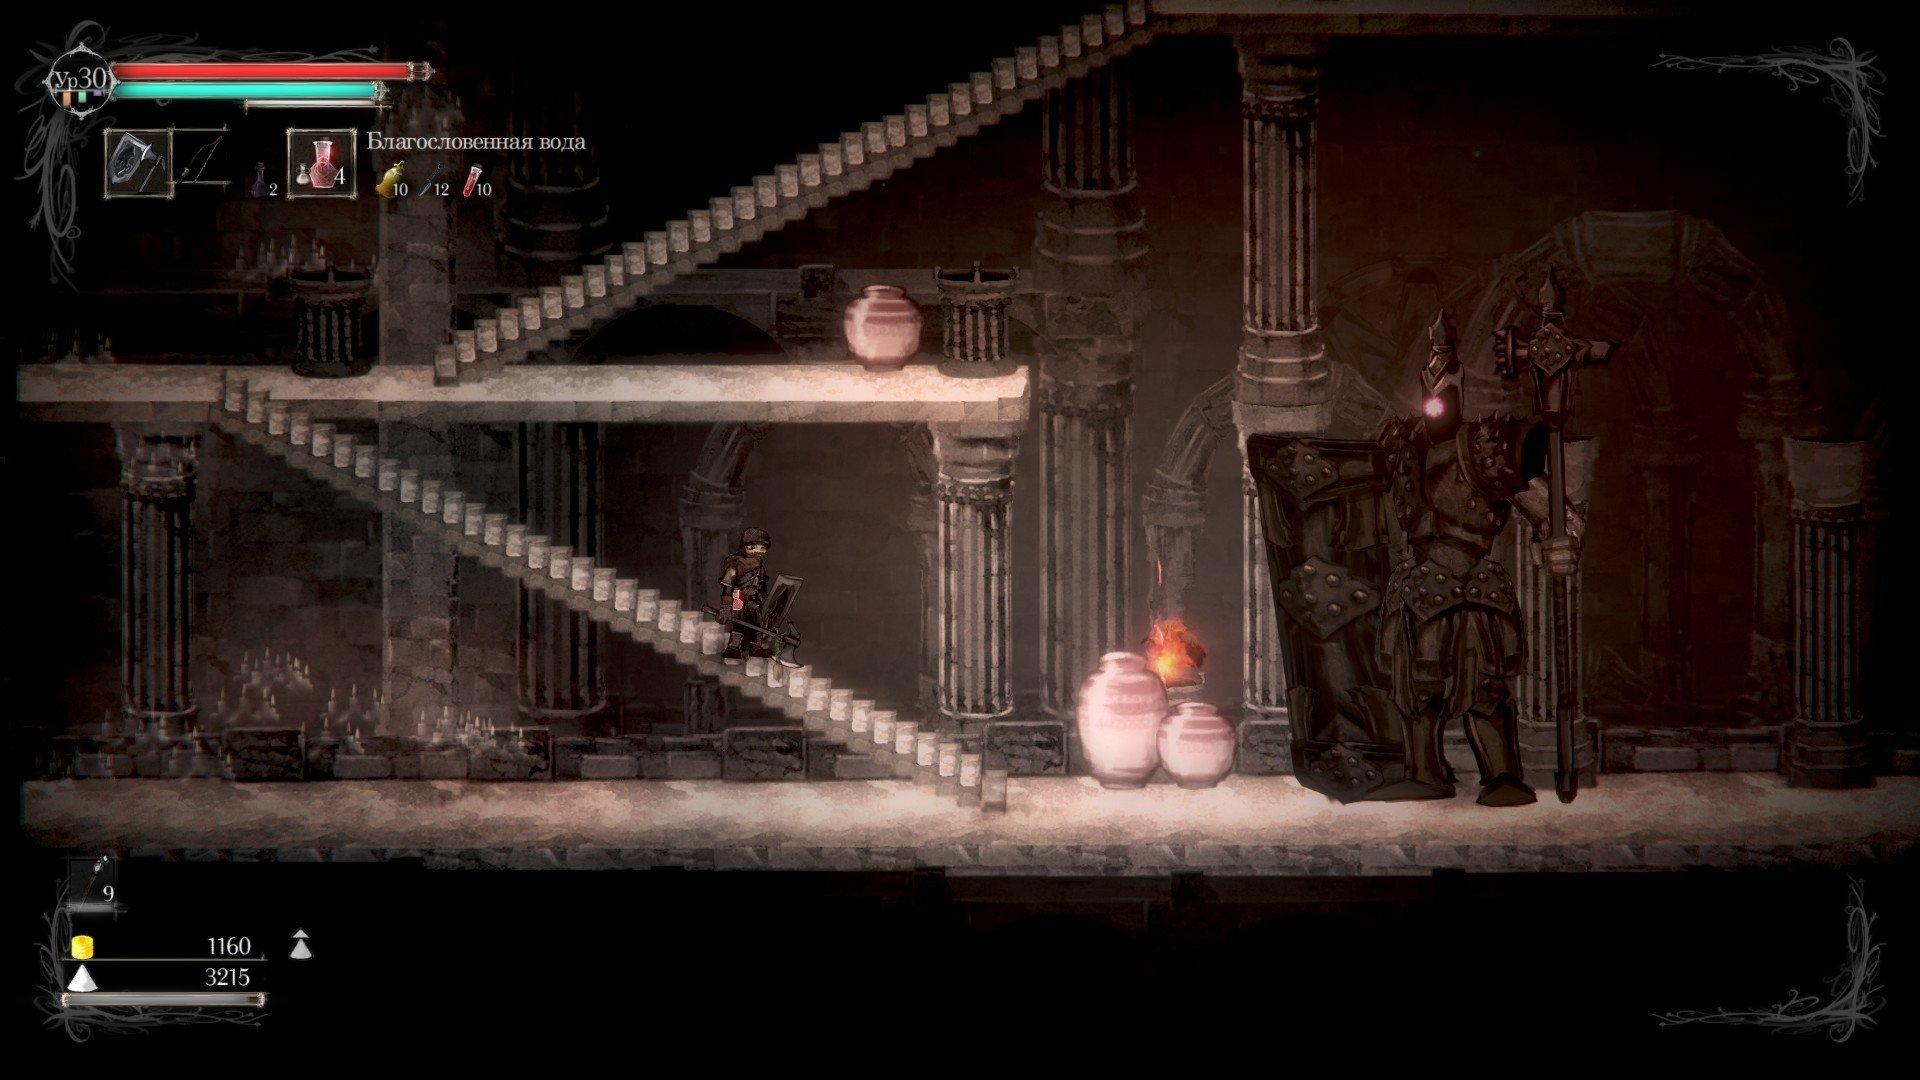 Скриншот к игре Salt and Sanctuary v.1.0.0.8 [Portable] (2016) скачать торрент Лицензия